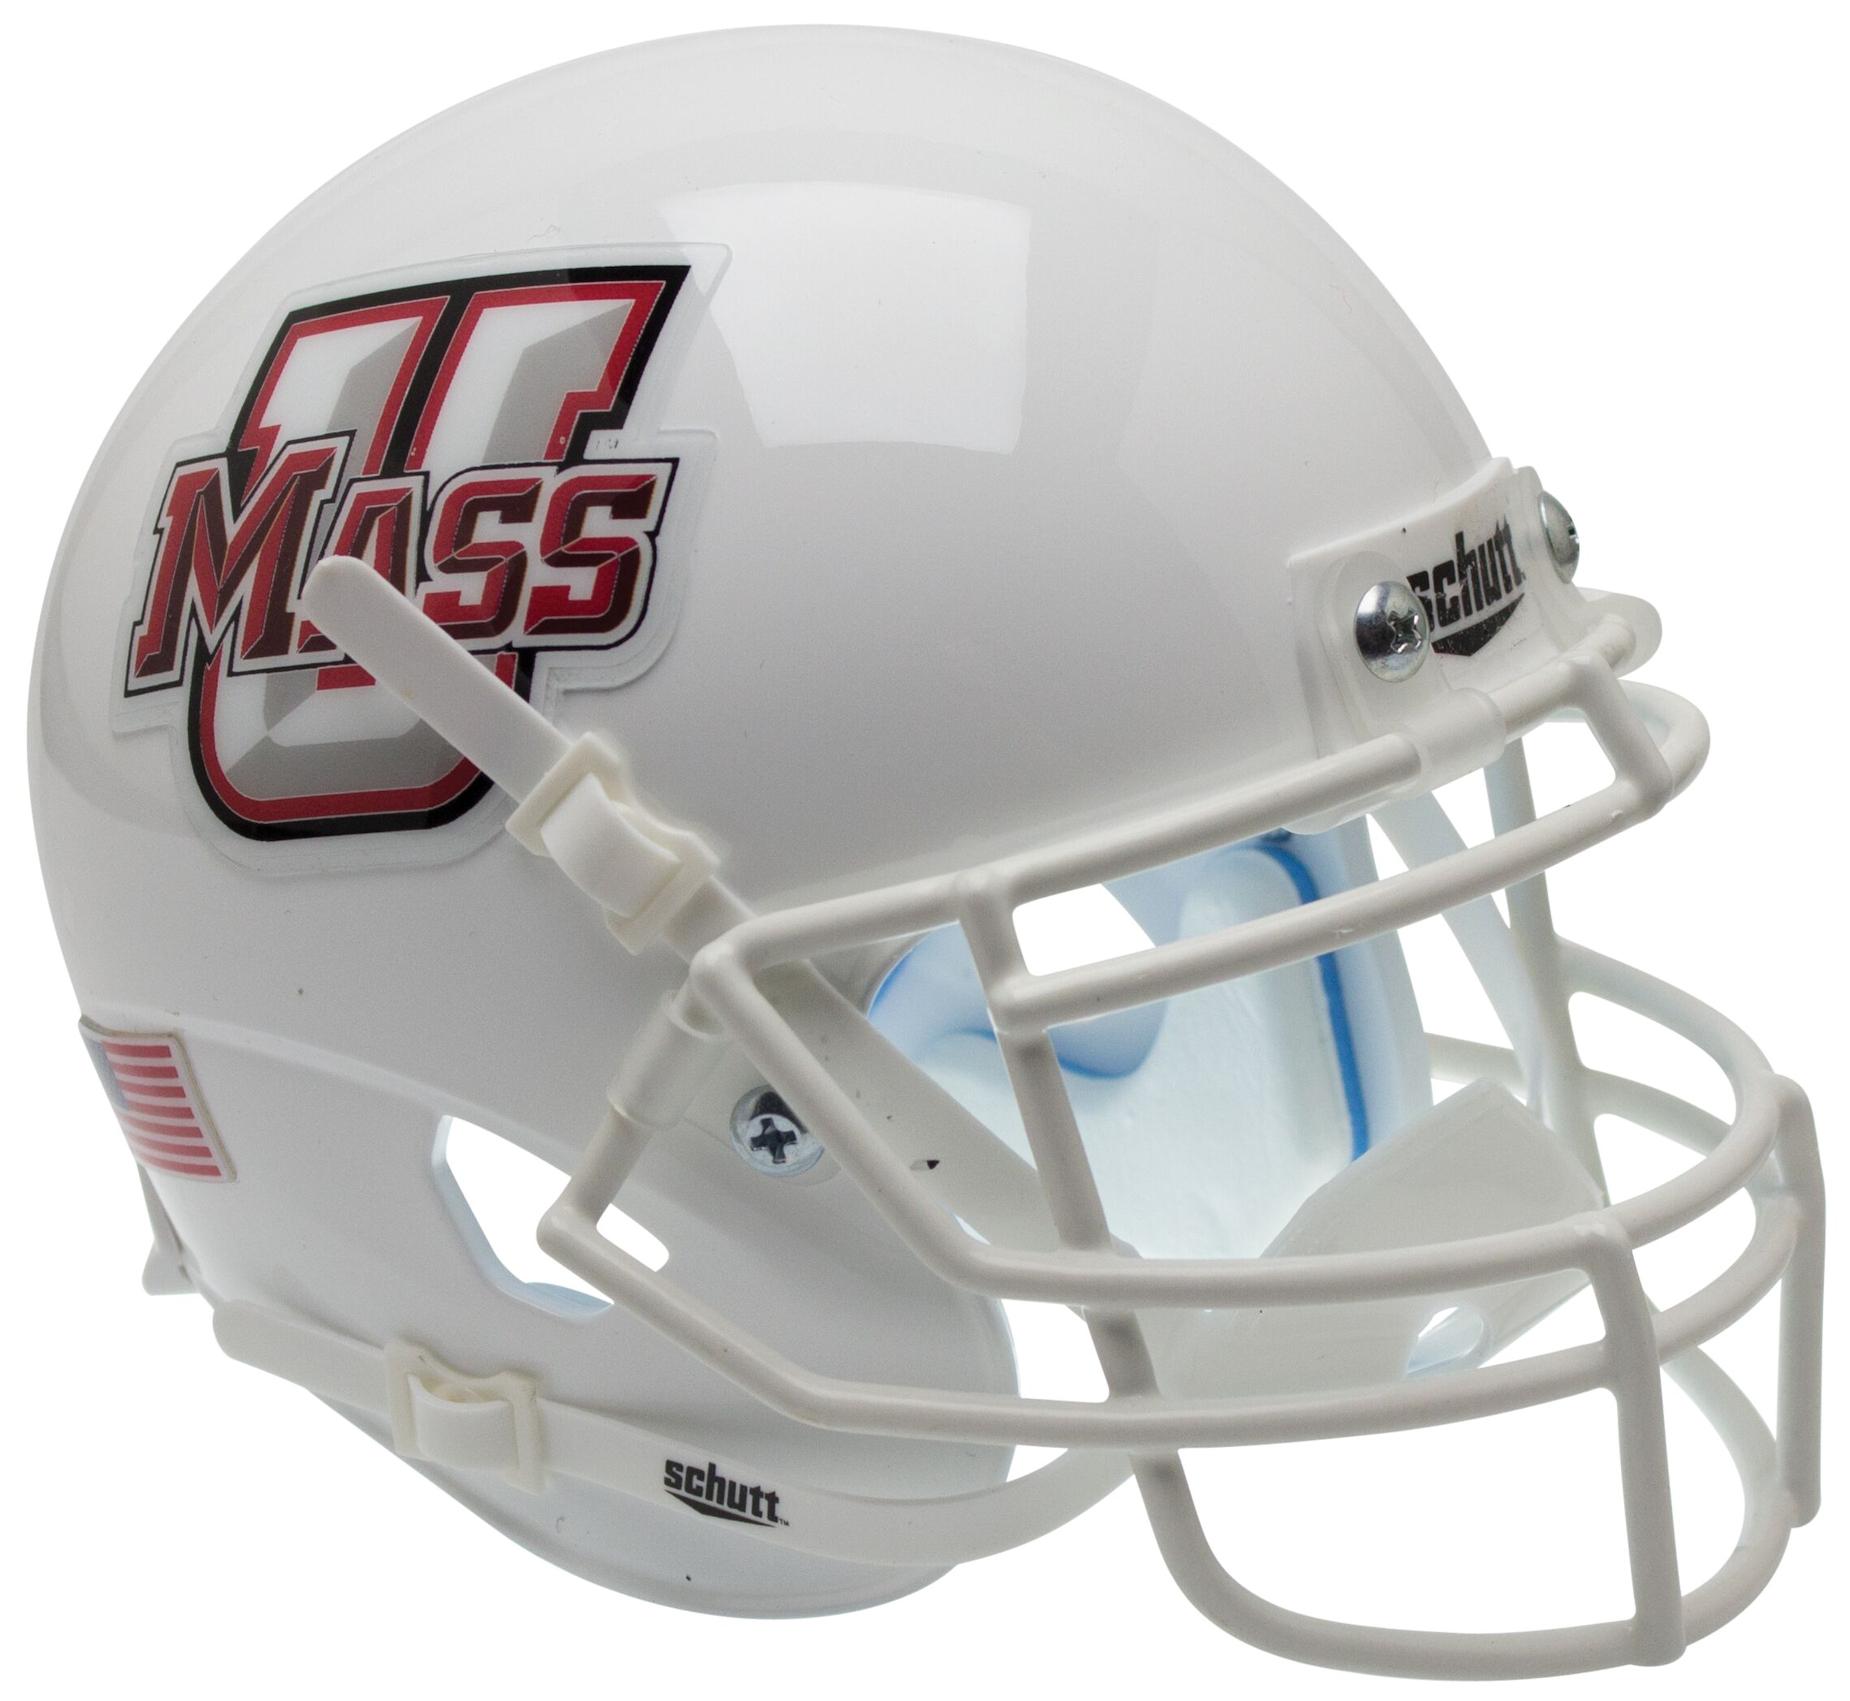 U Mass Minutemen Mini XP Authentic Helmet Schutt <B>White</B>